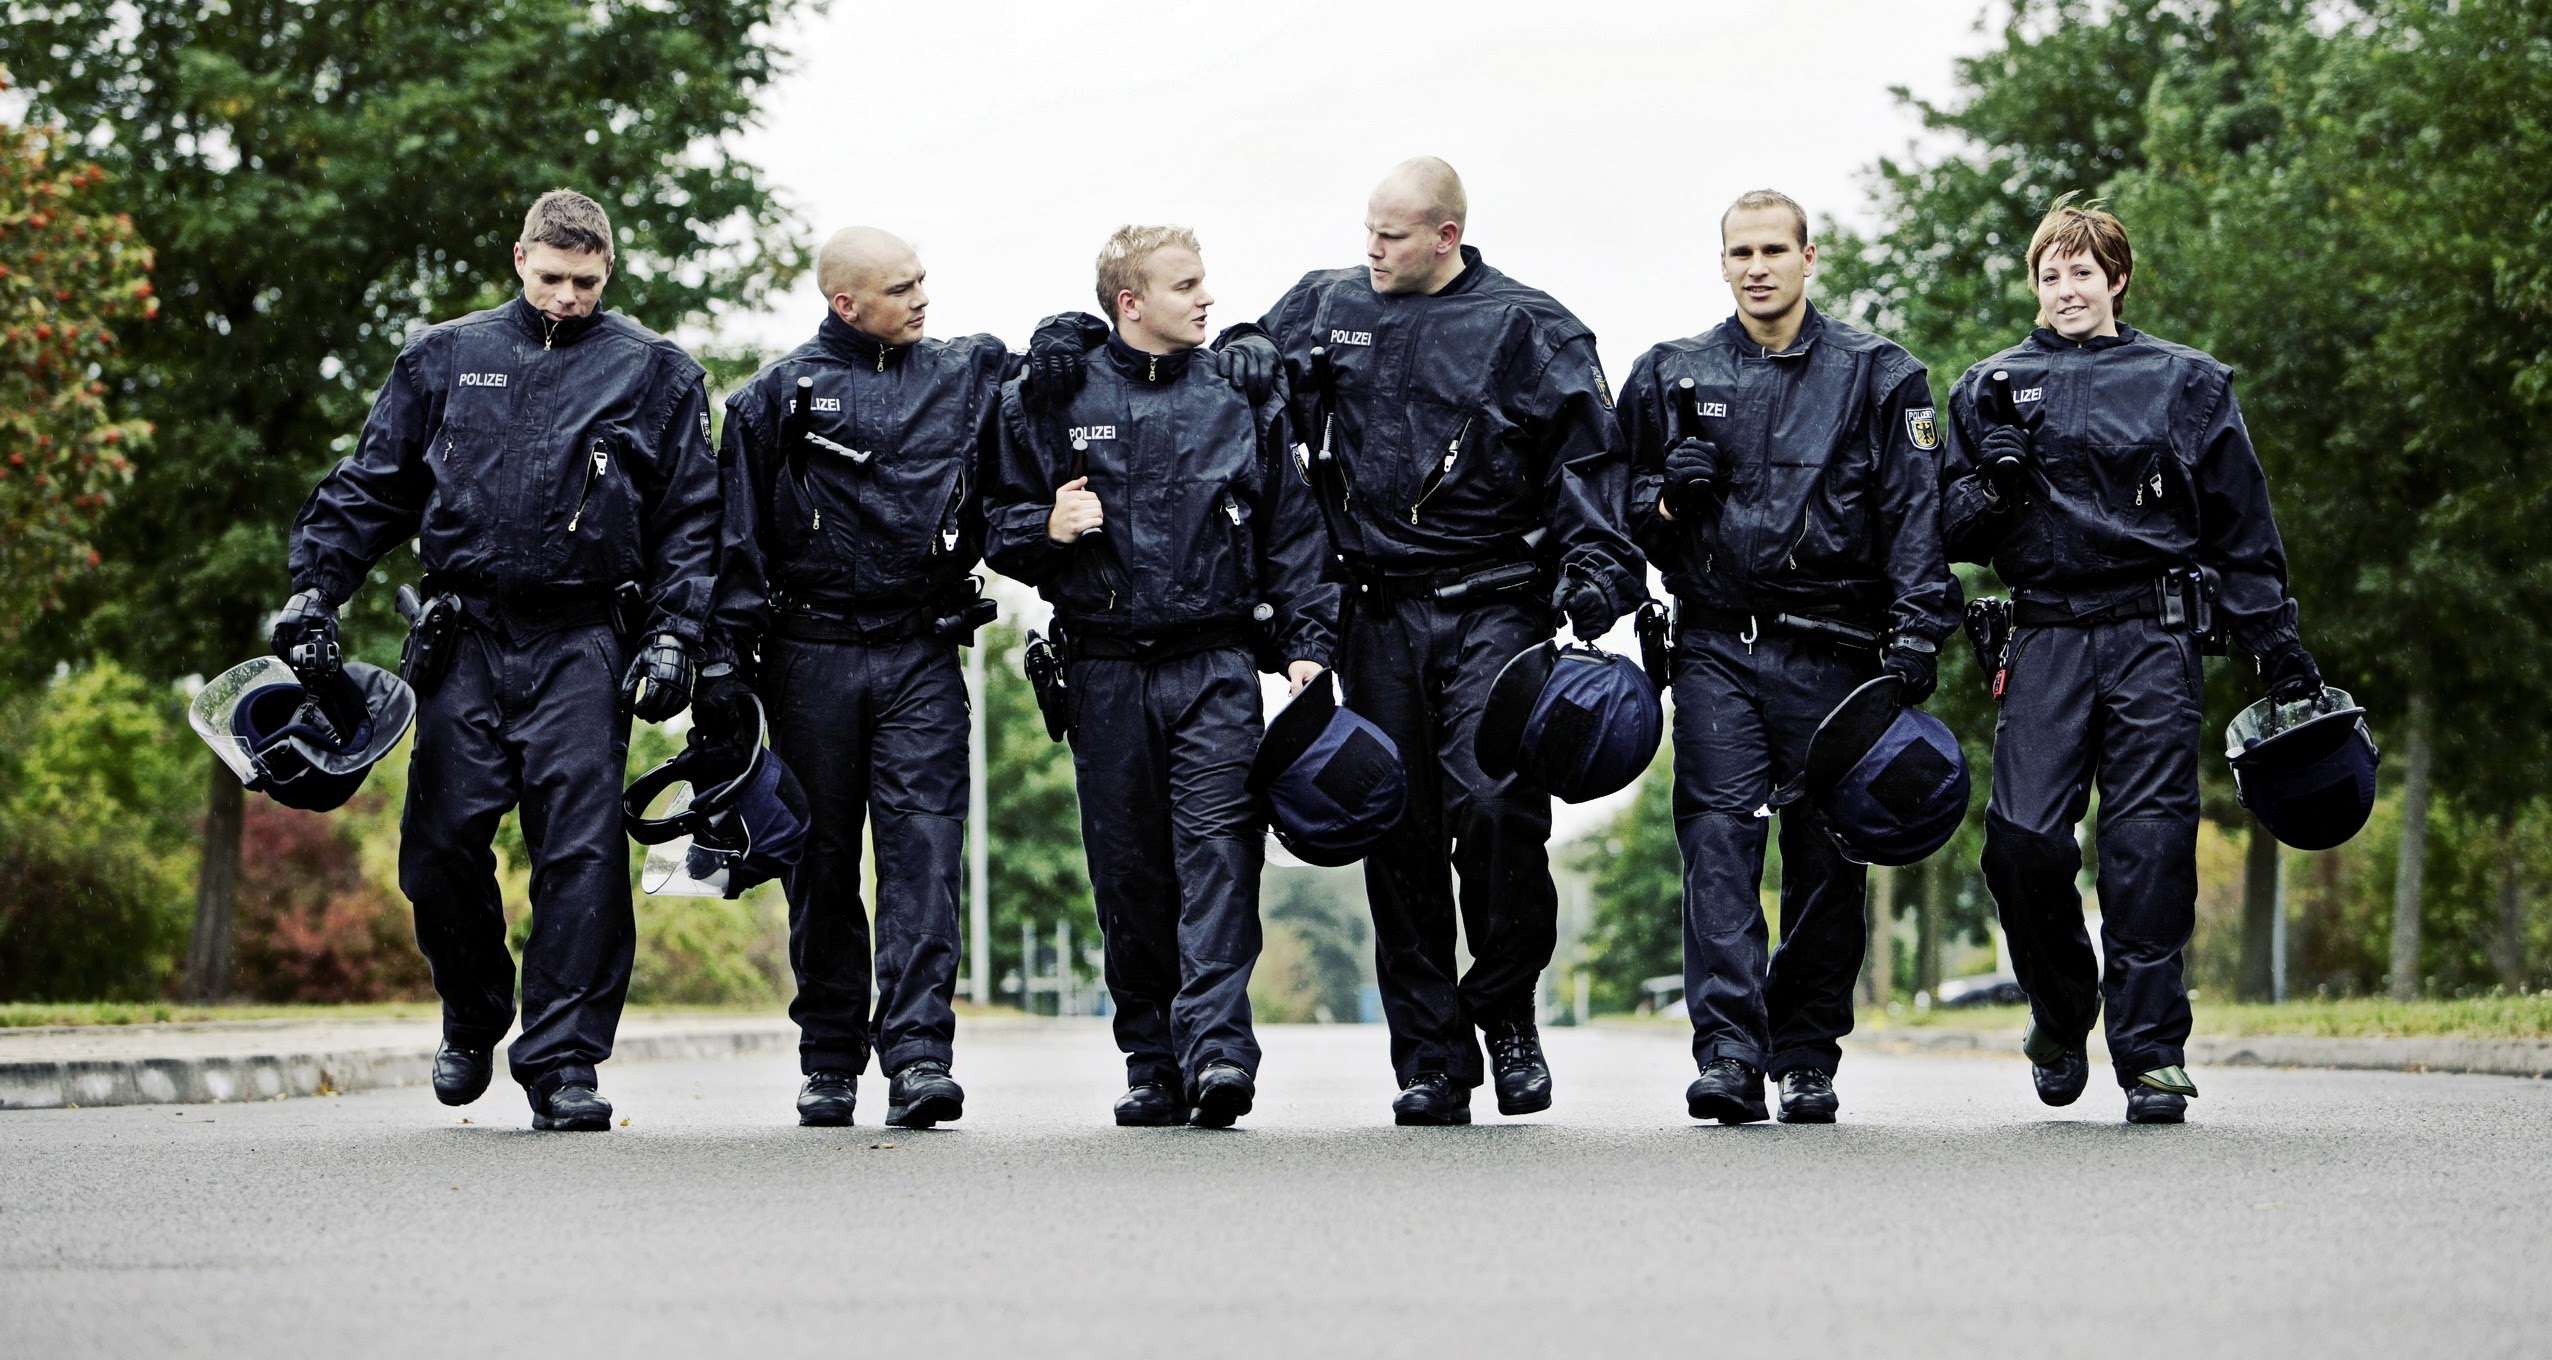 Bpol_Bereitschaft_091002_photothek_079_kl.jpg – Bundespolizei, Einstellungsberatung Bunde